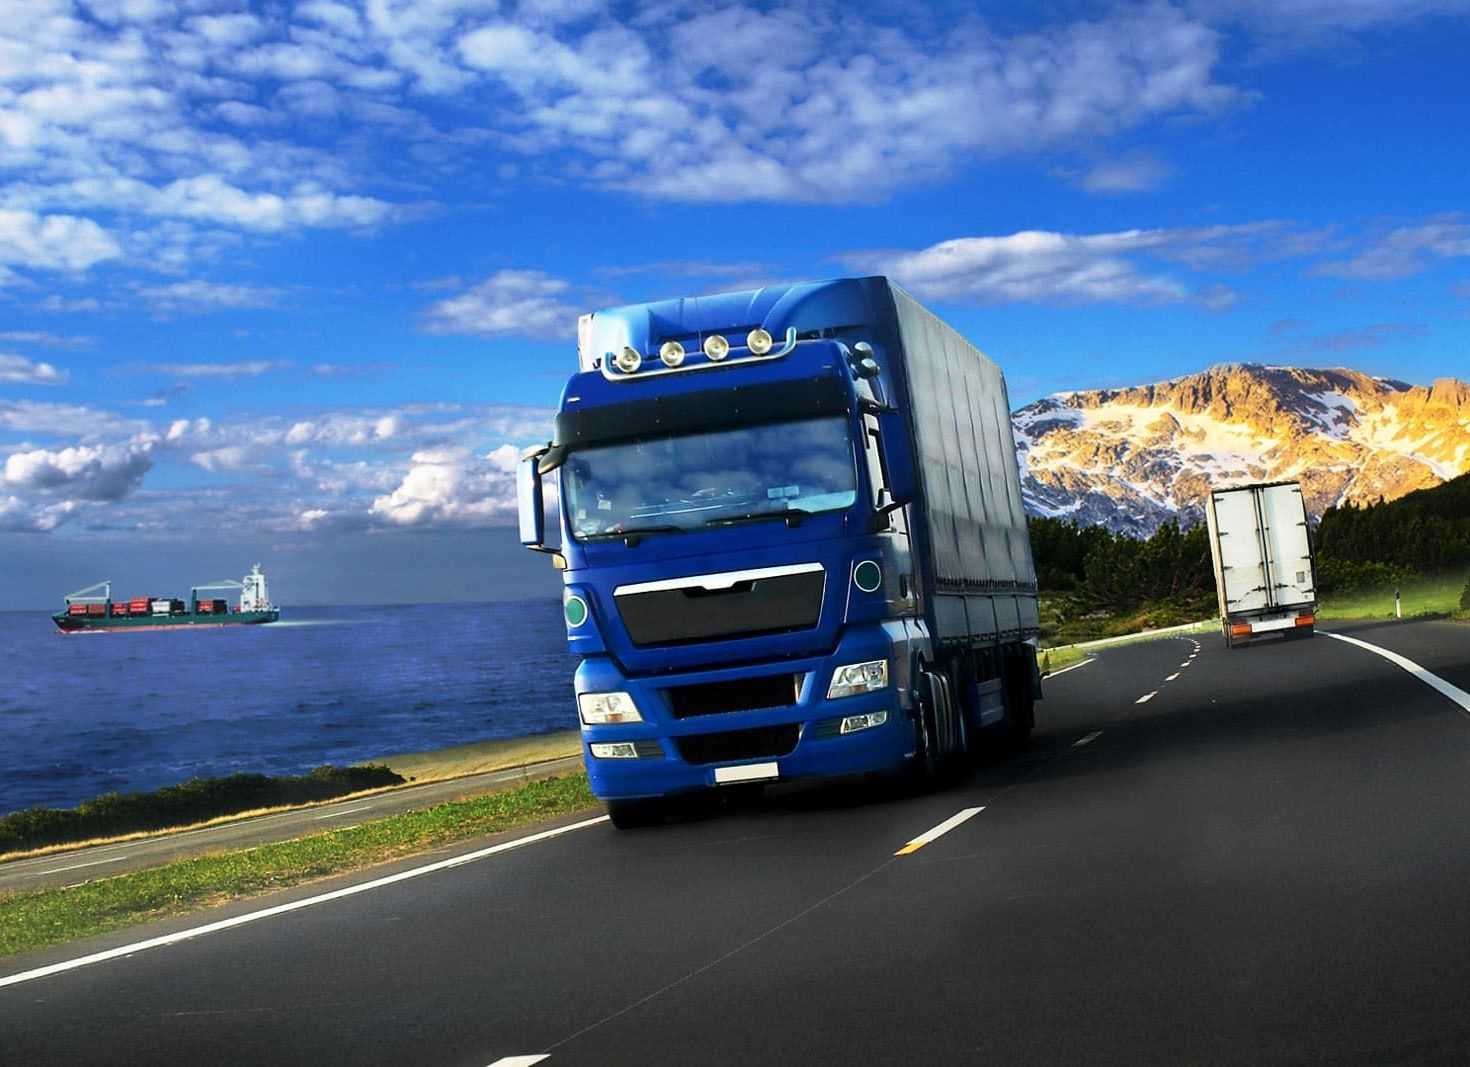 Foto 17 de Gestión para transportes en zaragoza | Gesticotrans